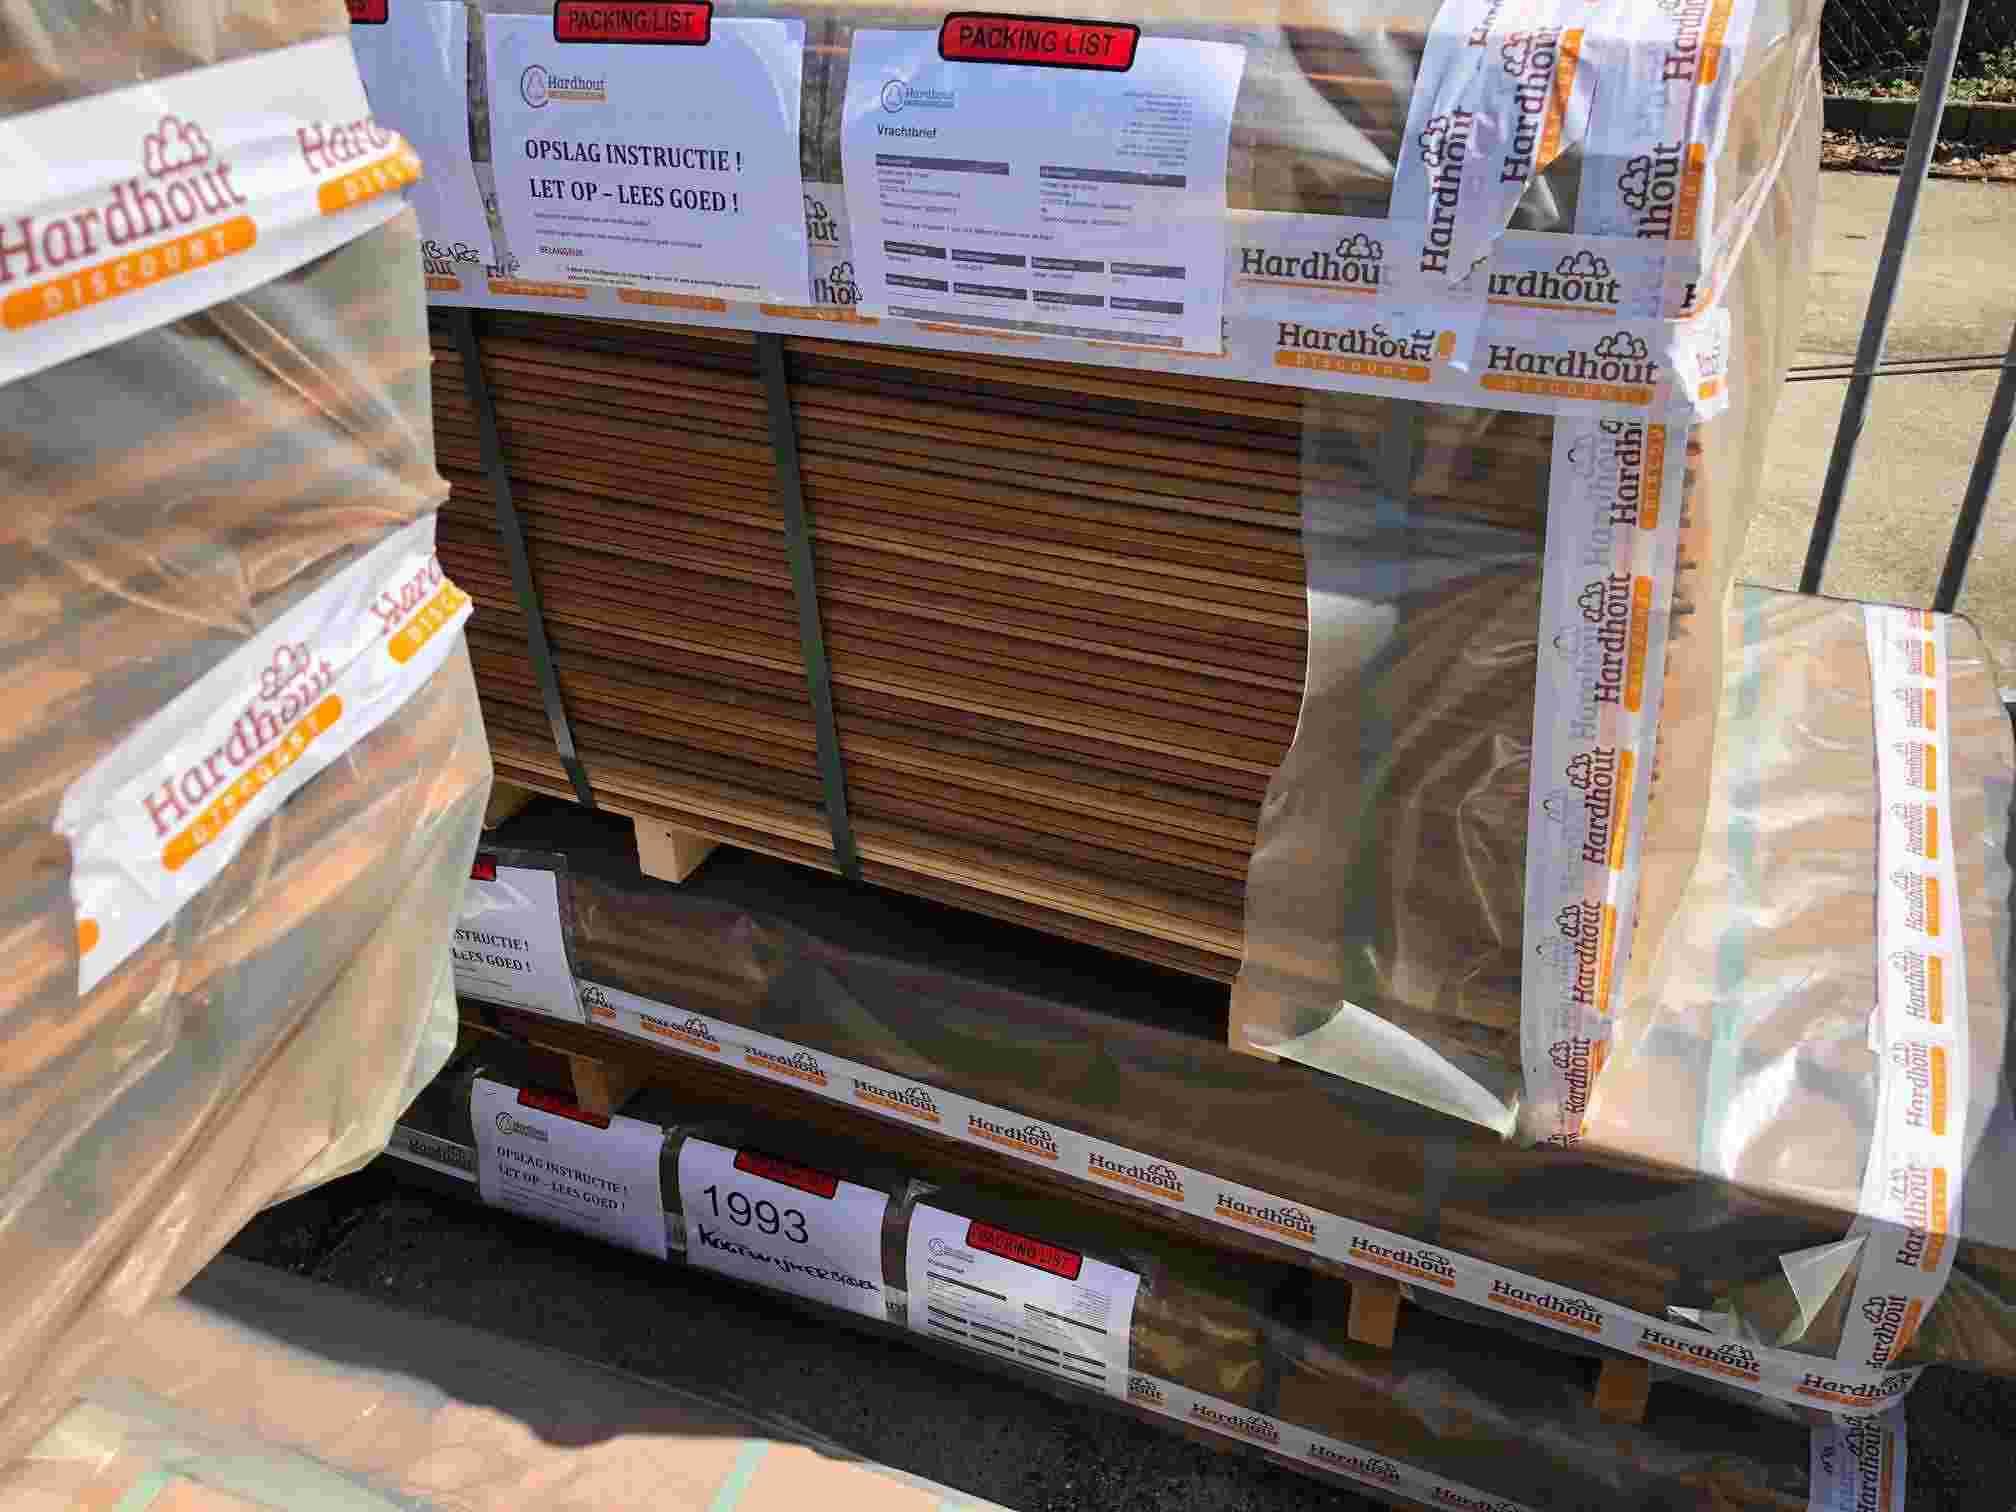 bundel verpakking 2